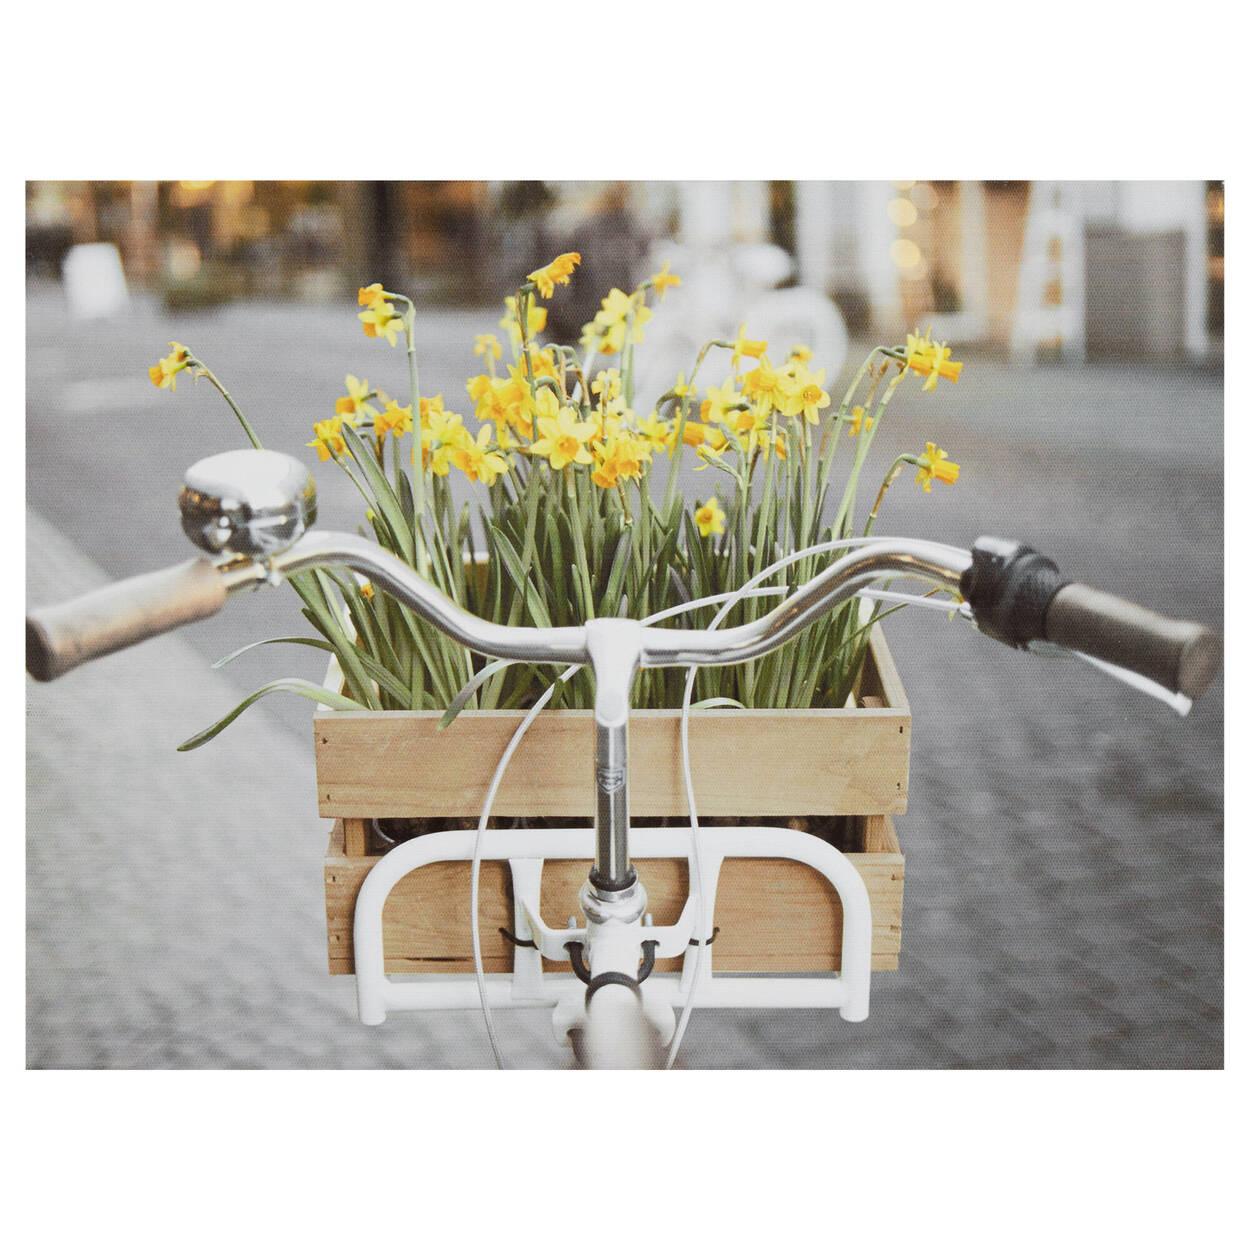 Tableau imprimé d'un vélo